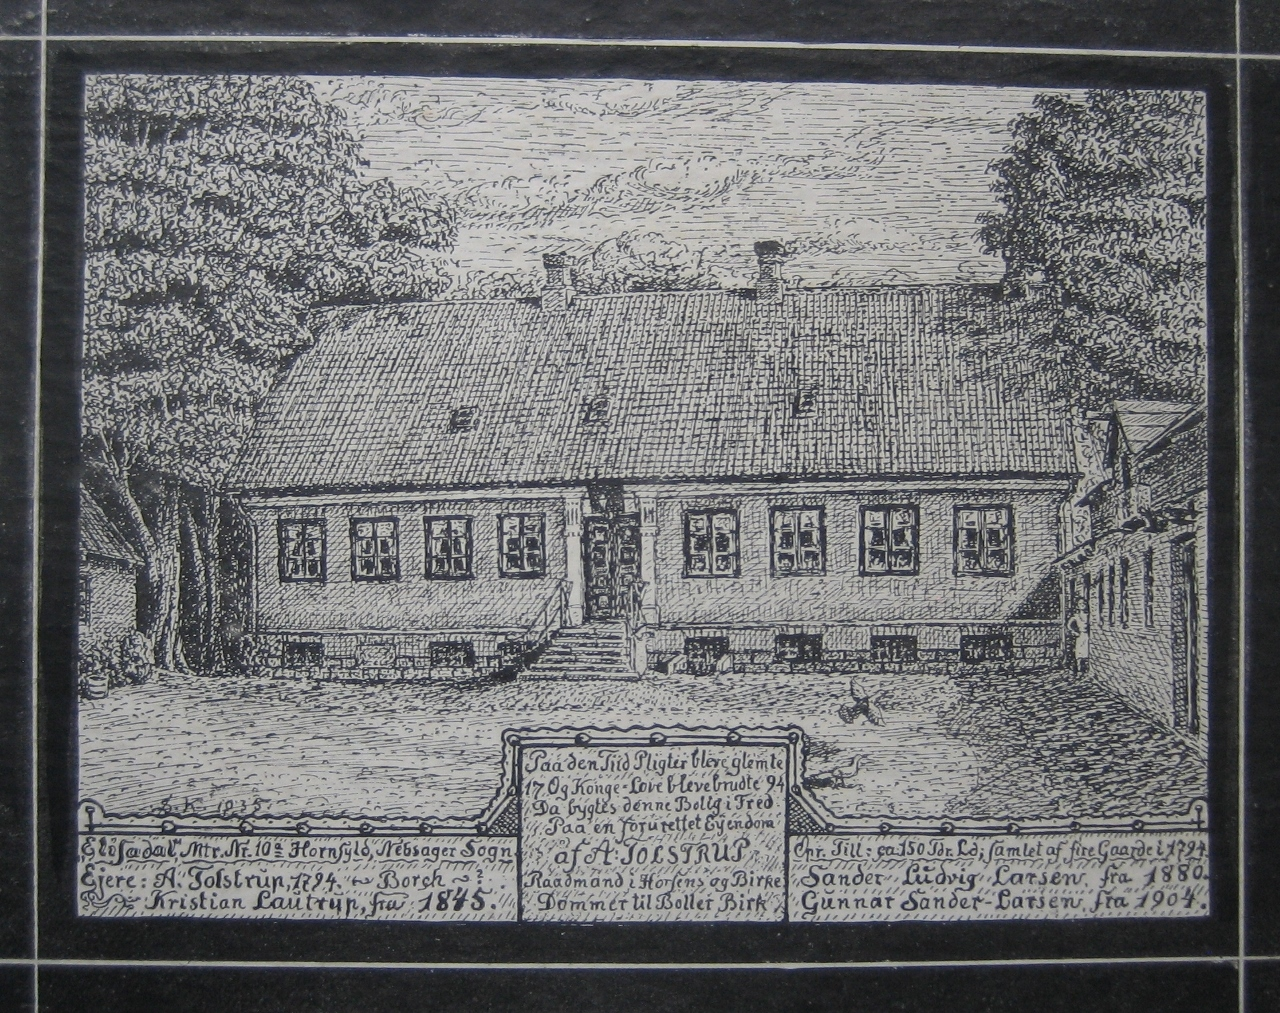 Elisedal - tegnet af Søren Knudsen 1935